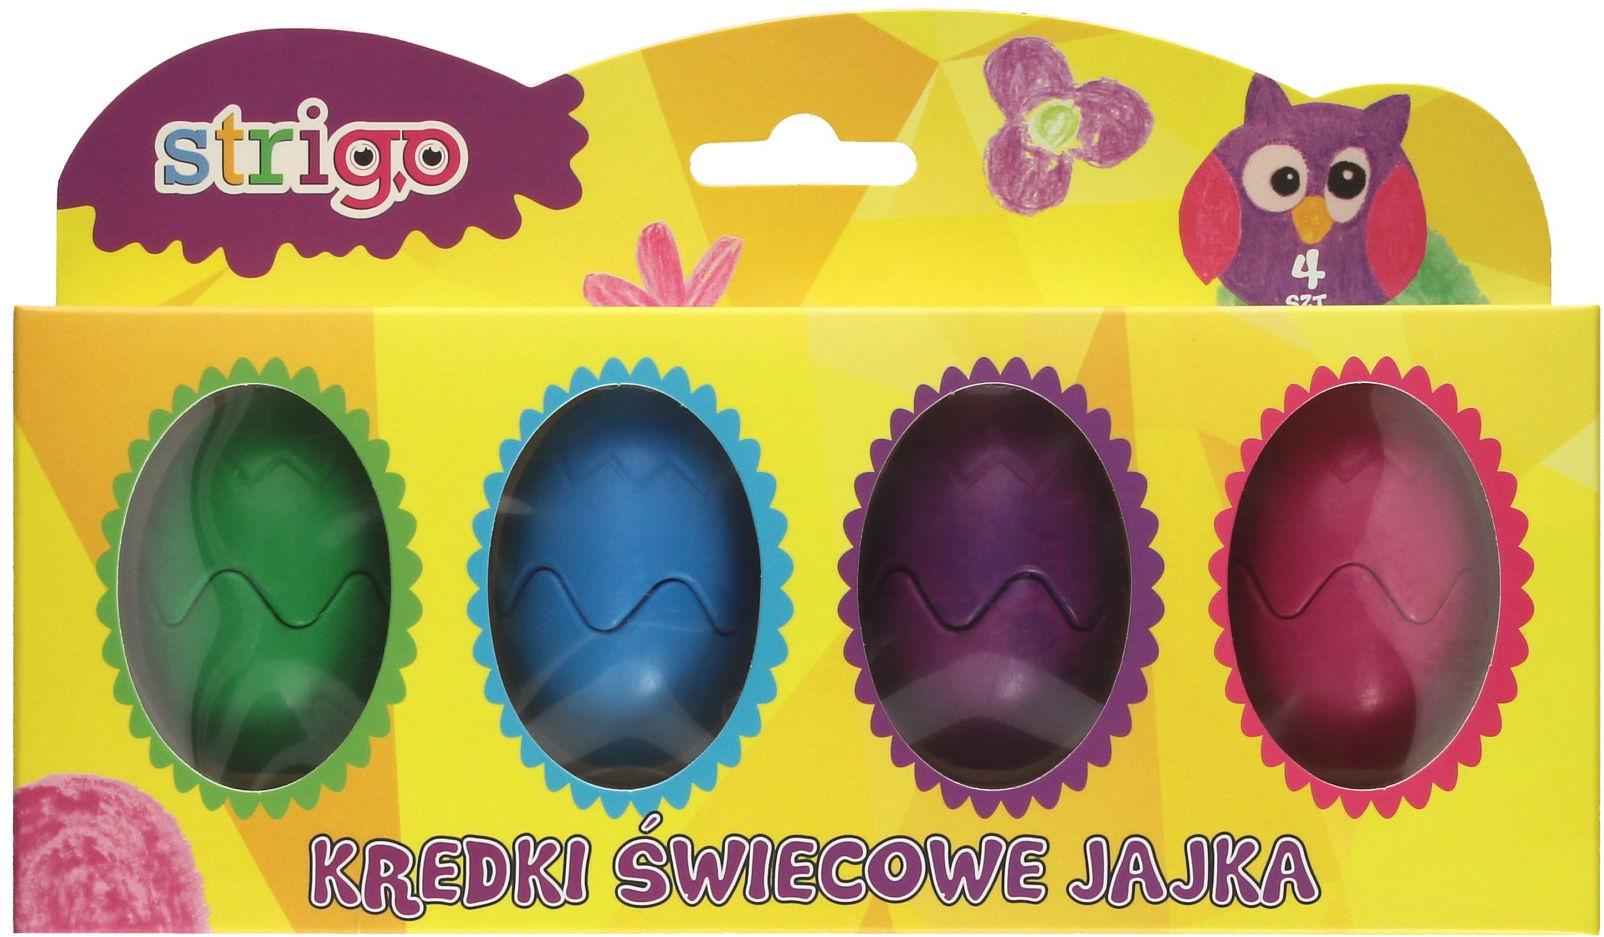 Kredki świecowe jajka 4 kol Strigo SSC045